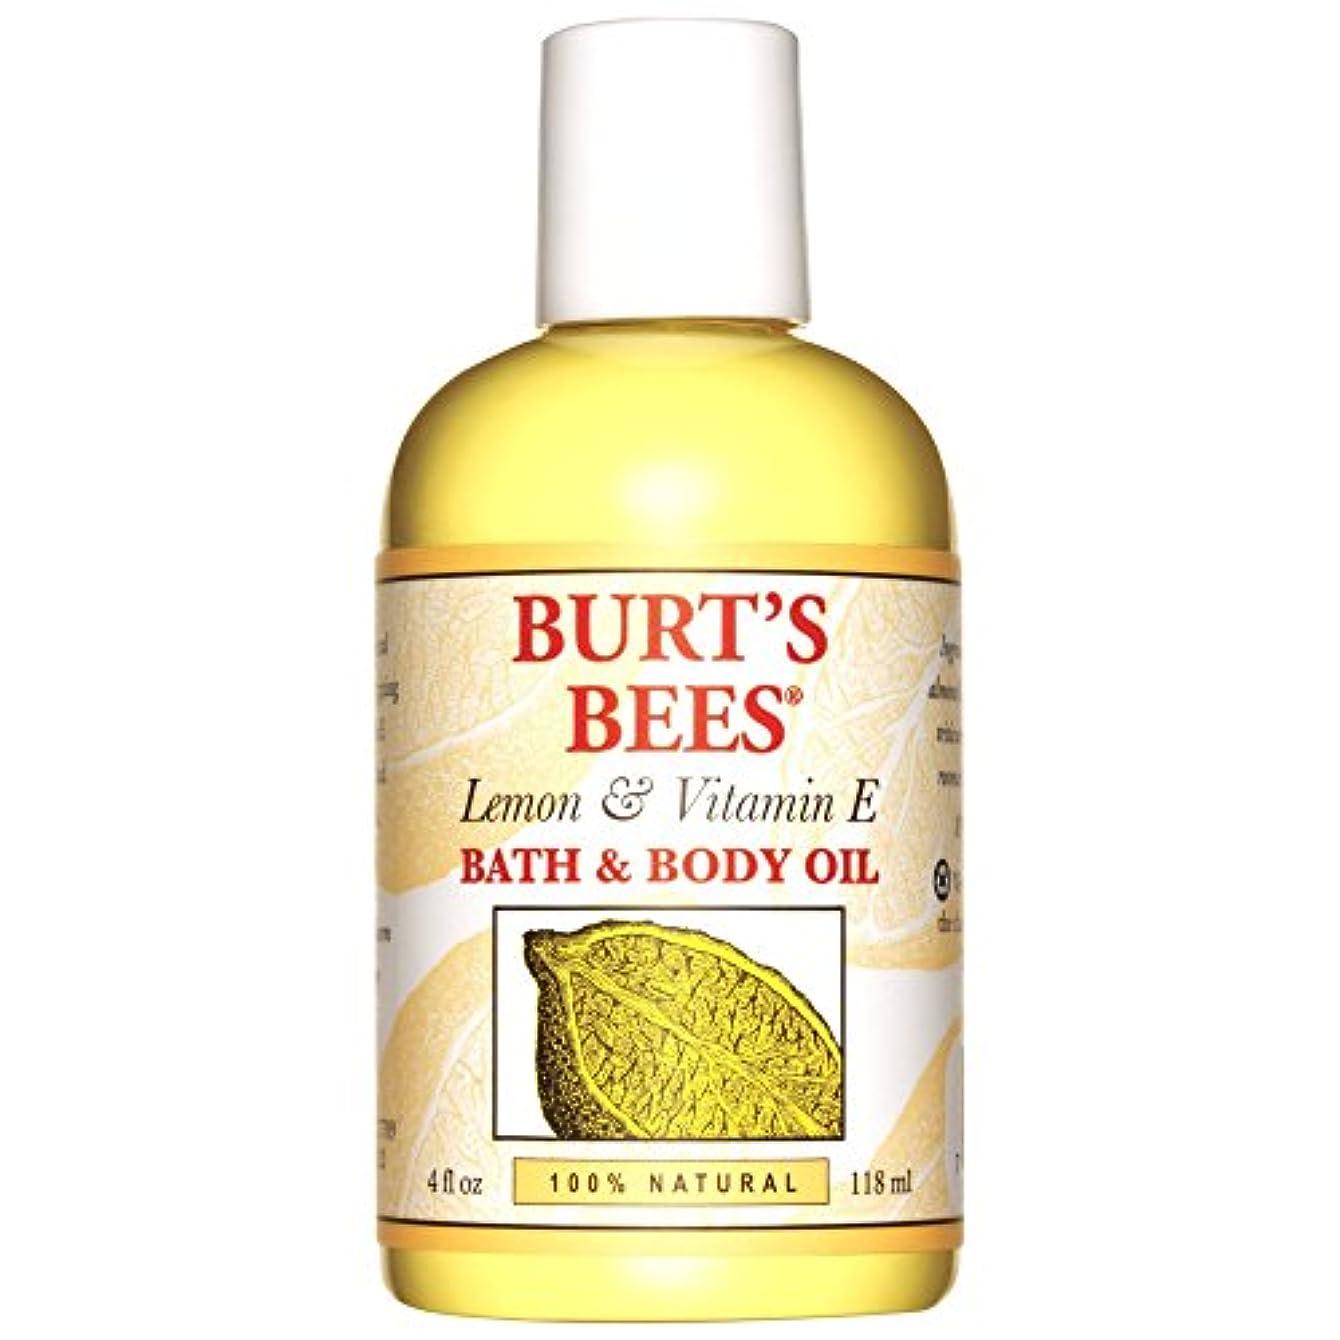 殺すとにかくスリルバーツビーレモンとビタミンEバス、ボディオイル118ミリリットル (Burt's Bees) - Burt's Bees Lemon and Vitamin E Bath and Body Oil 118ml [並行輸入品]